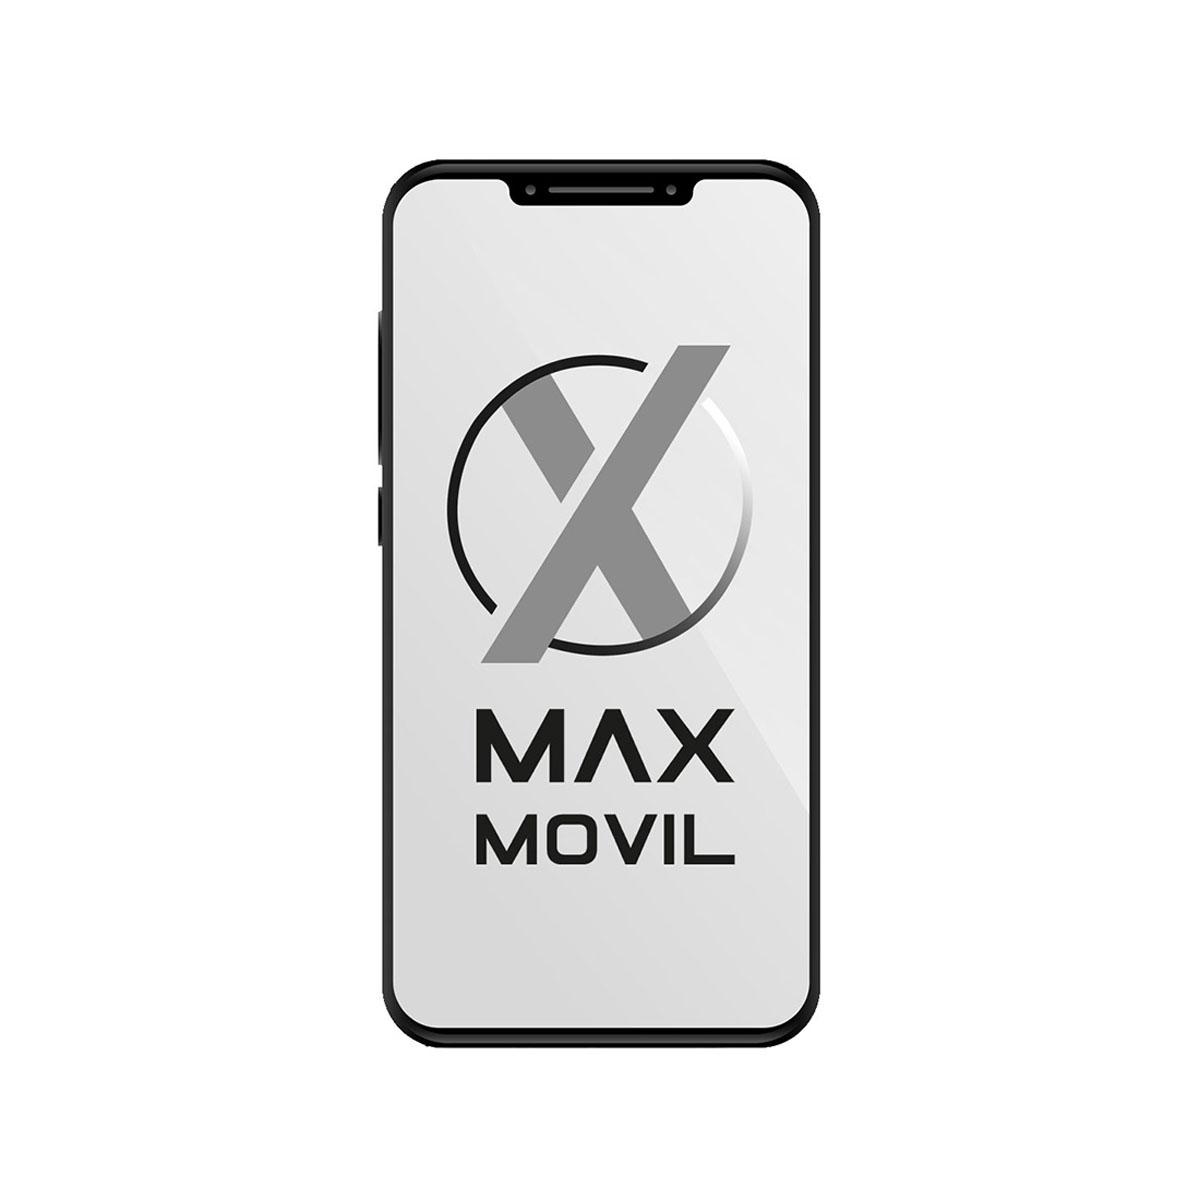 Telefono movil Iphone 6 Plus 64Gb silver CPO ECORECICLADO GRADO A